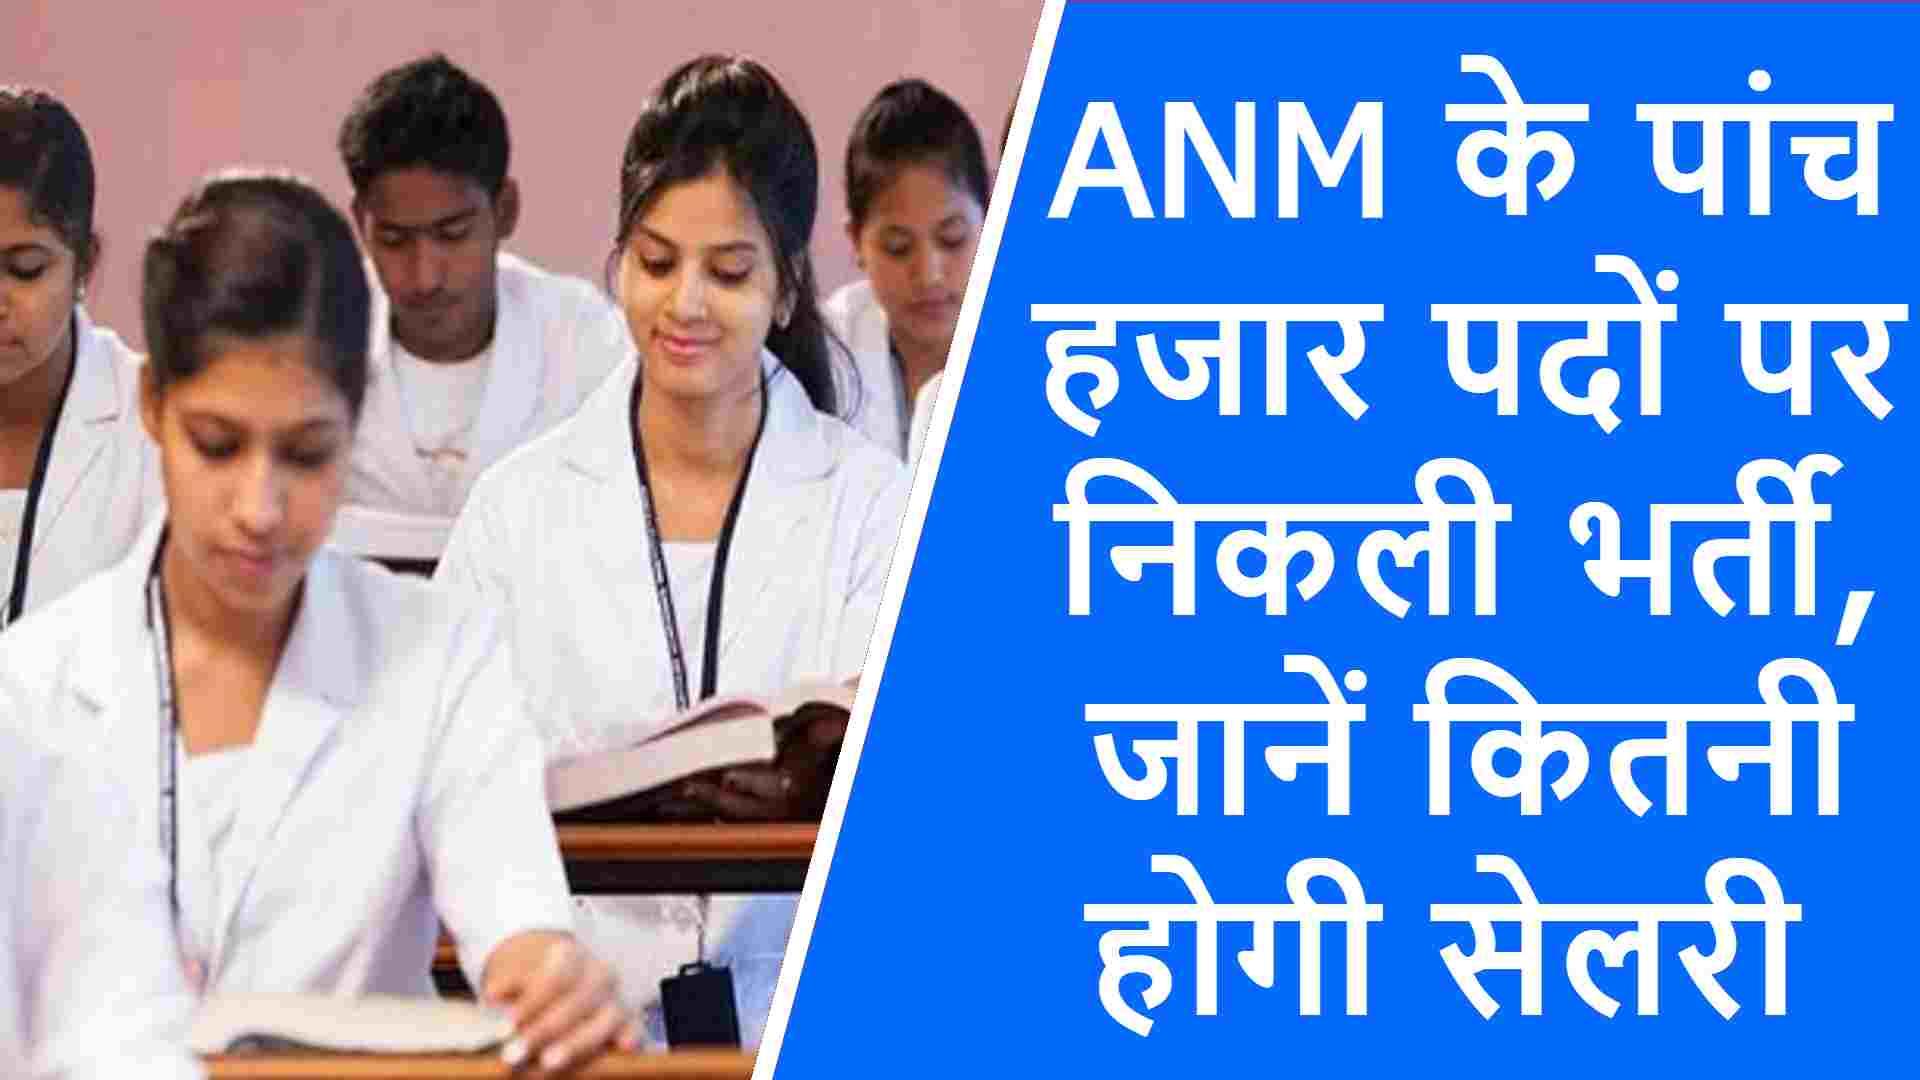 ANM के पांच हजार पदों पर निकली भर्ती, जानें कितनी होगी सेलरी